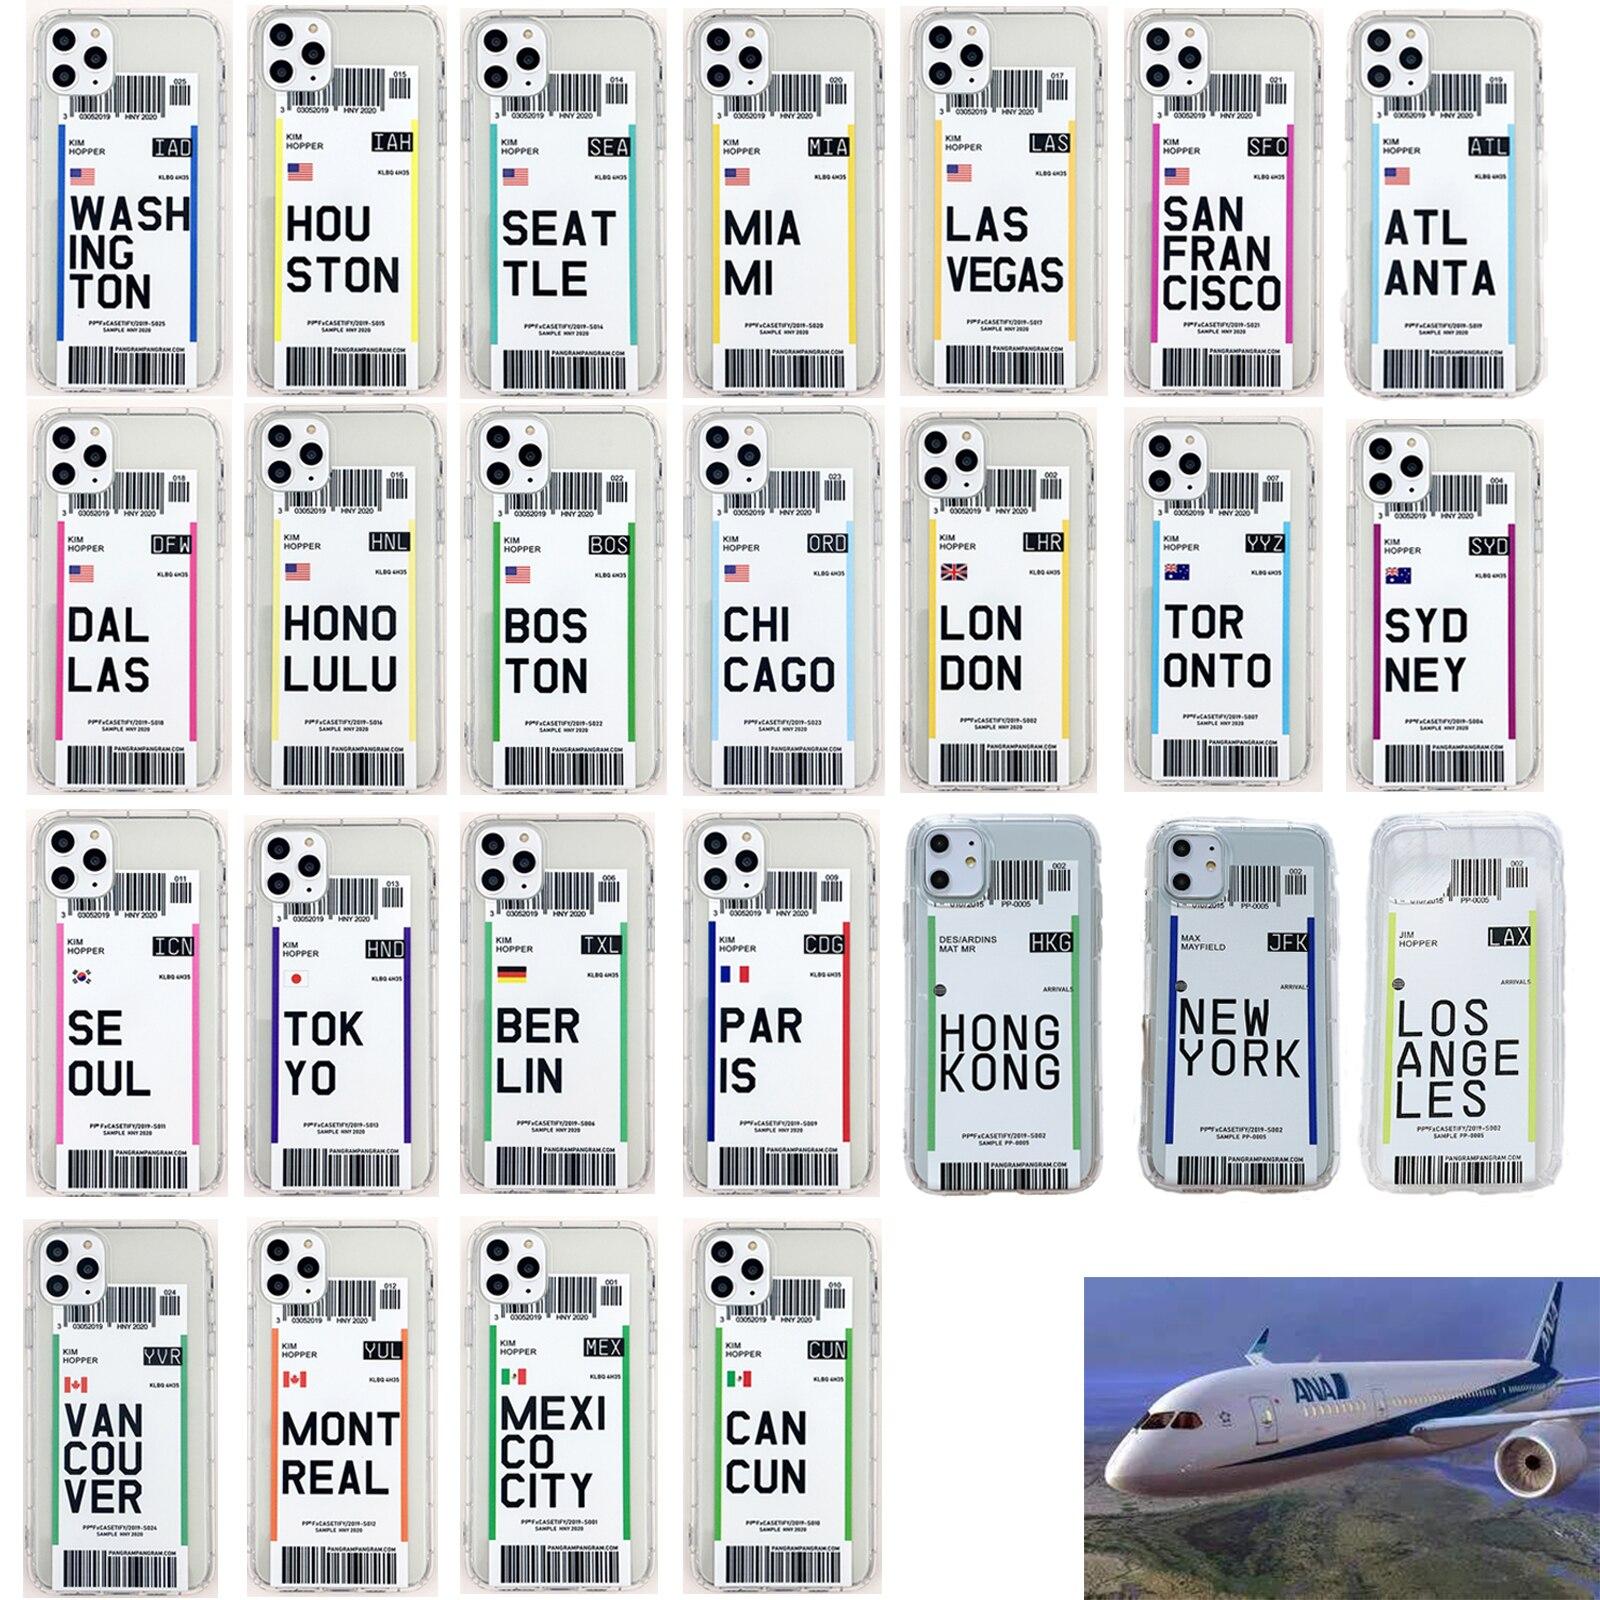 Luxe Billets D'avion coque de téléphone TPU Souple pour iPhone 11 Pro Max 7 8 Plus X XS XR XSMax 6 6s billet d'avion couverture